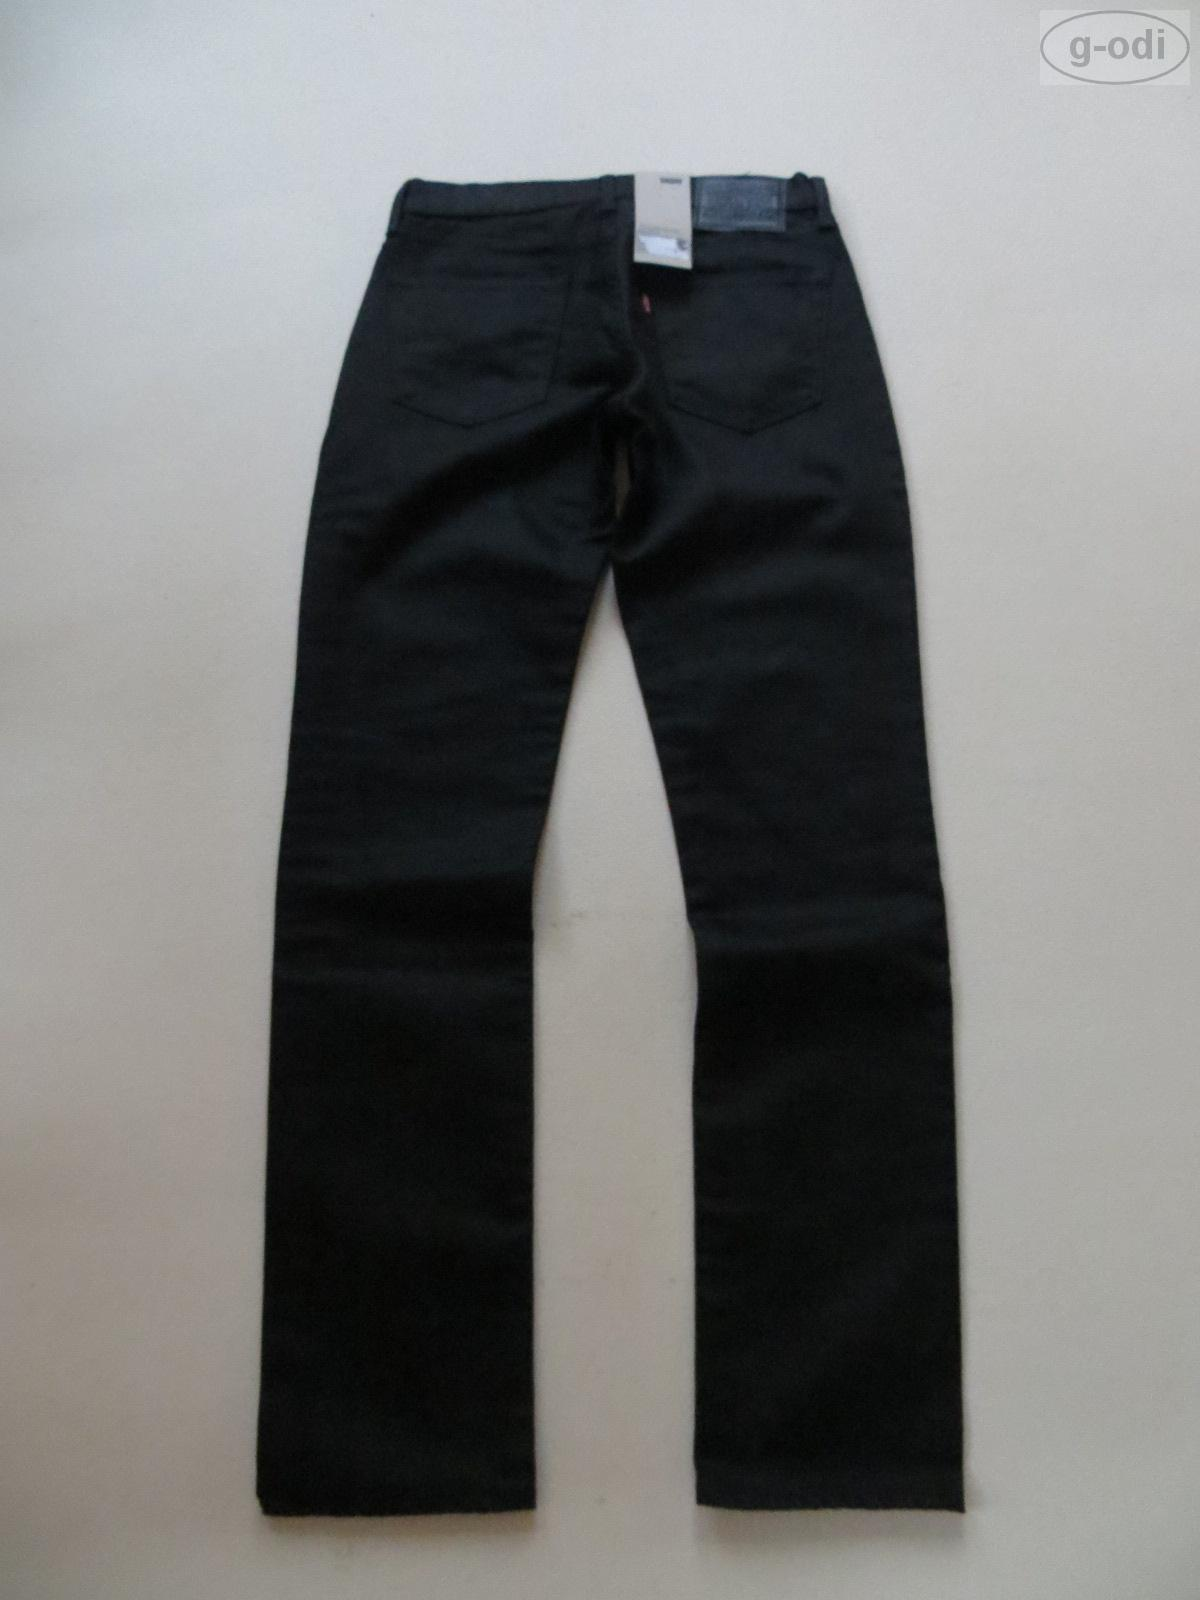 levi 39 s 511 slim fit jeans hose w 32 l 34 schwarz neu. Black Bedroom Furniture Sets. Home Design Ideas